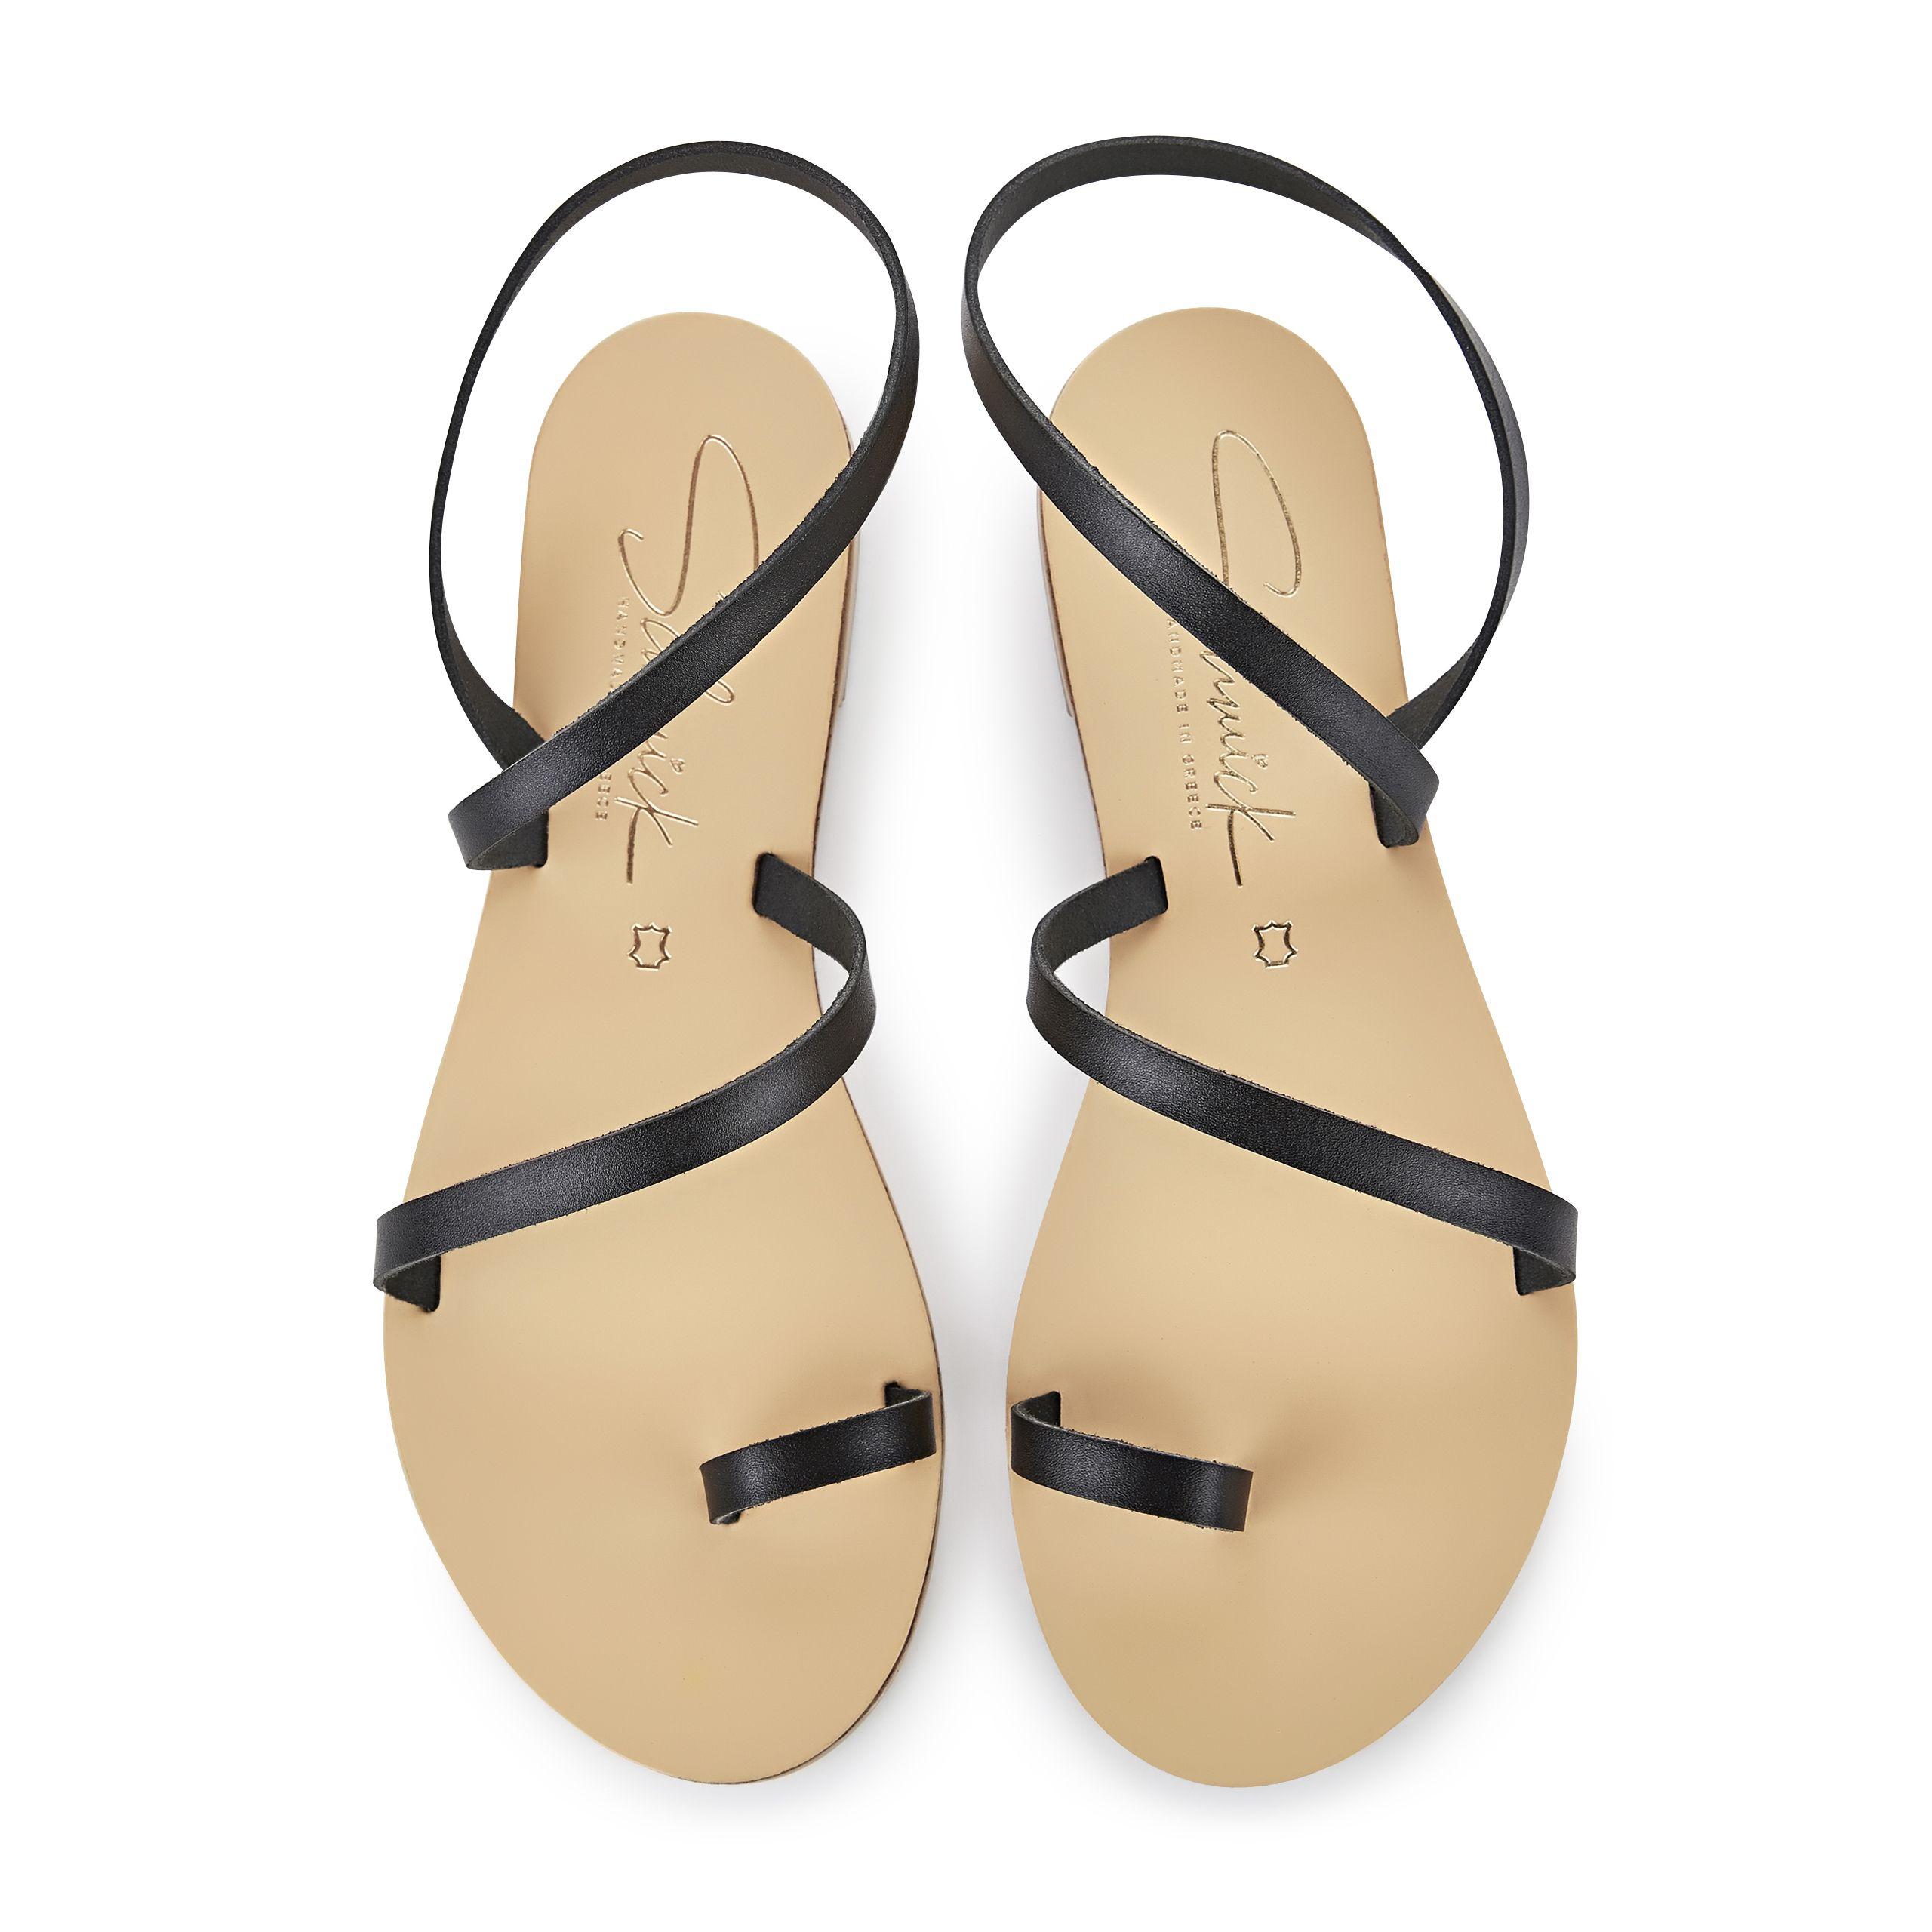 Sunlight Sandals Women Pink Gr. Sandales Soleil Femmes Rose Gr. 39.0 Eu Sandalen 39,0 Eu Sandalen